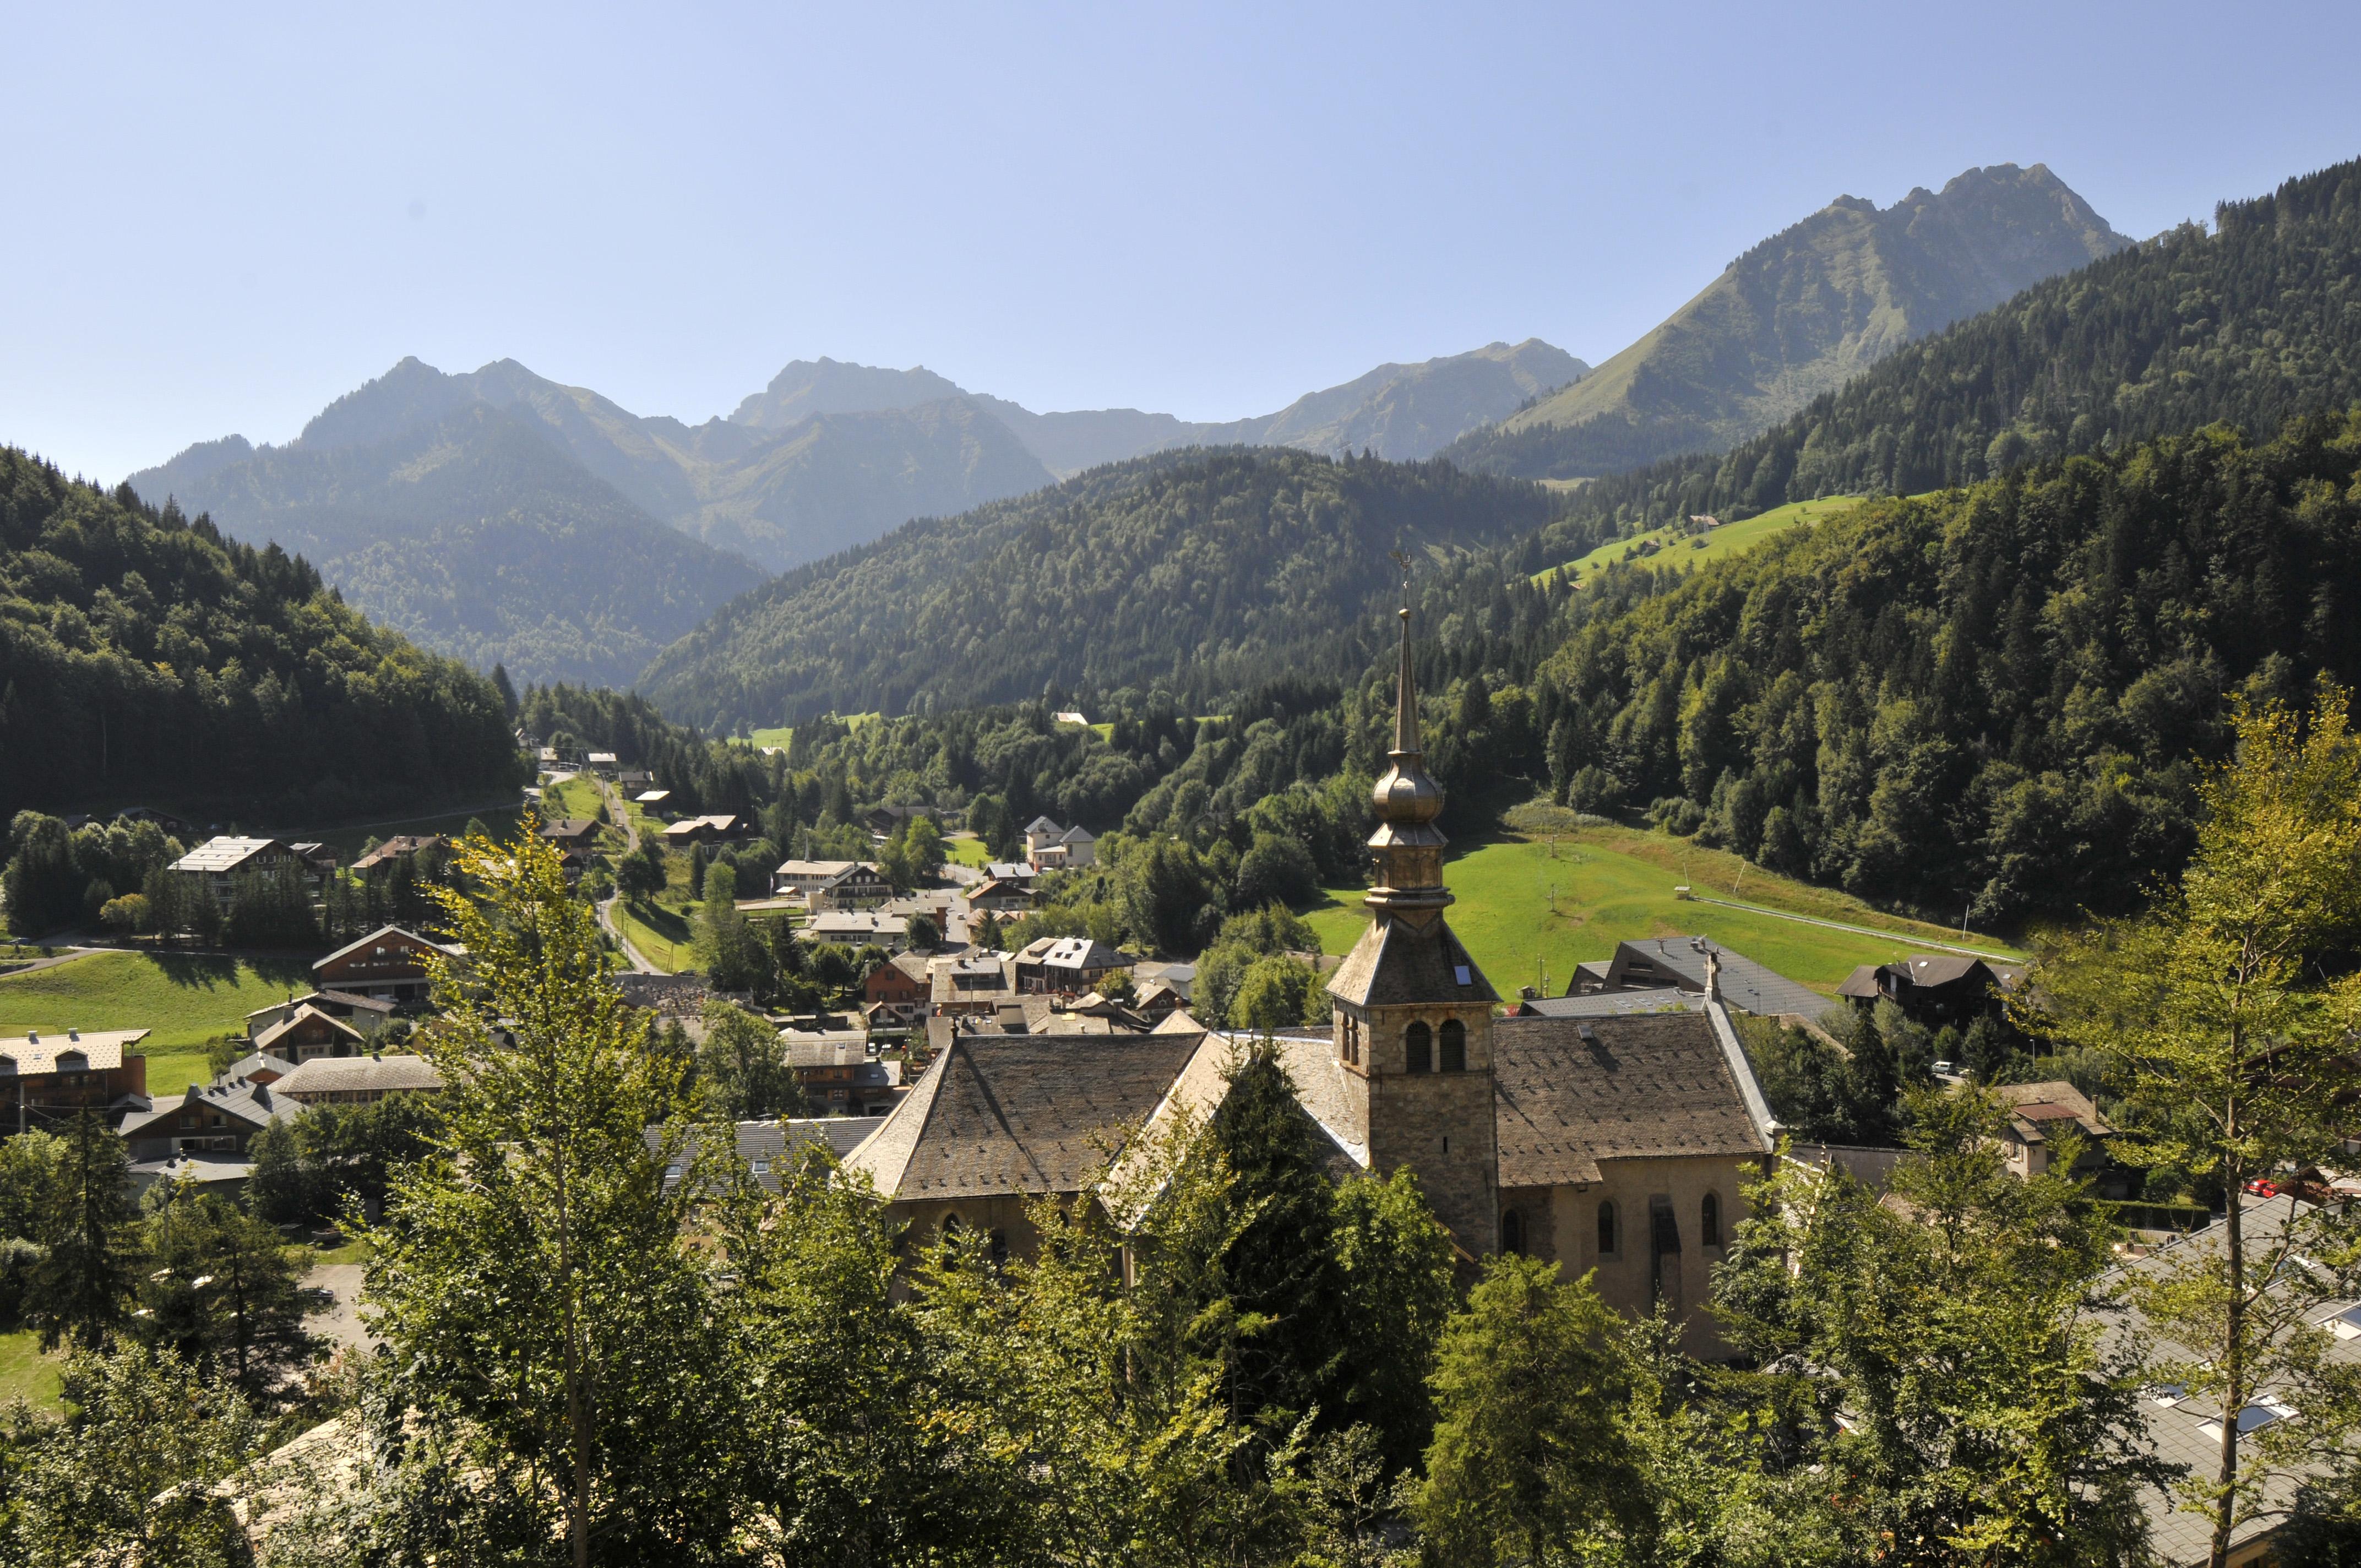 Abondance tourisme savoie mont blanc savoie et haute savoie alpes - Office de tourisme abondance ...